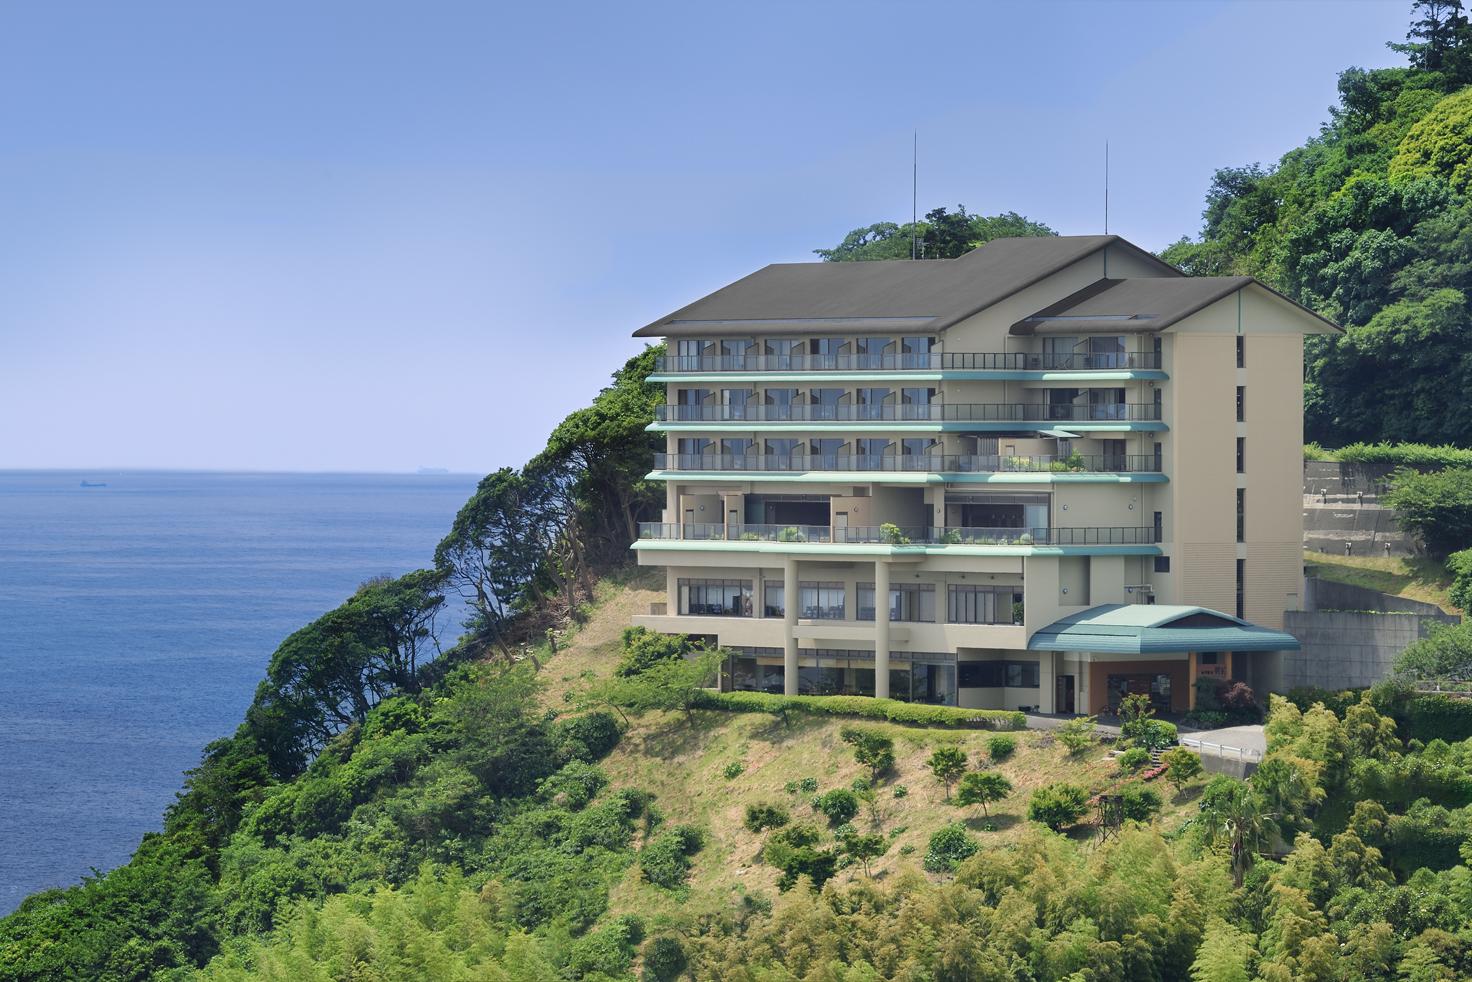 相模湾と伊豆大島を見渡すことができる絶好のロケーション。